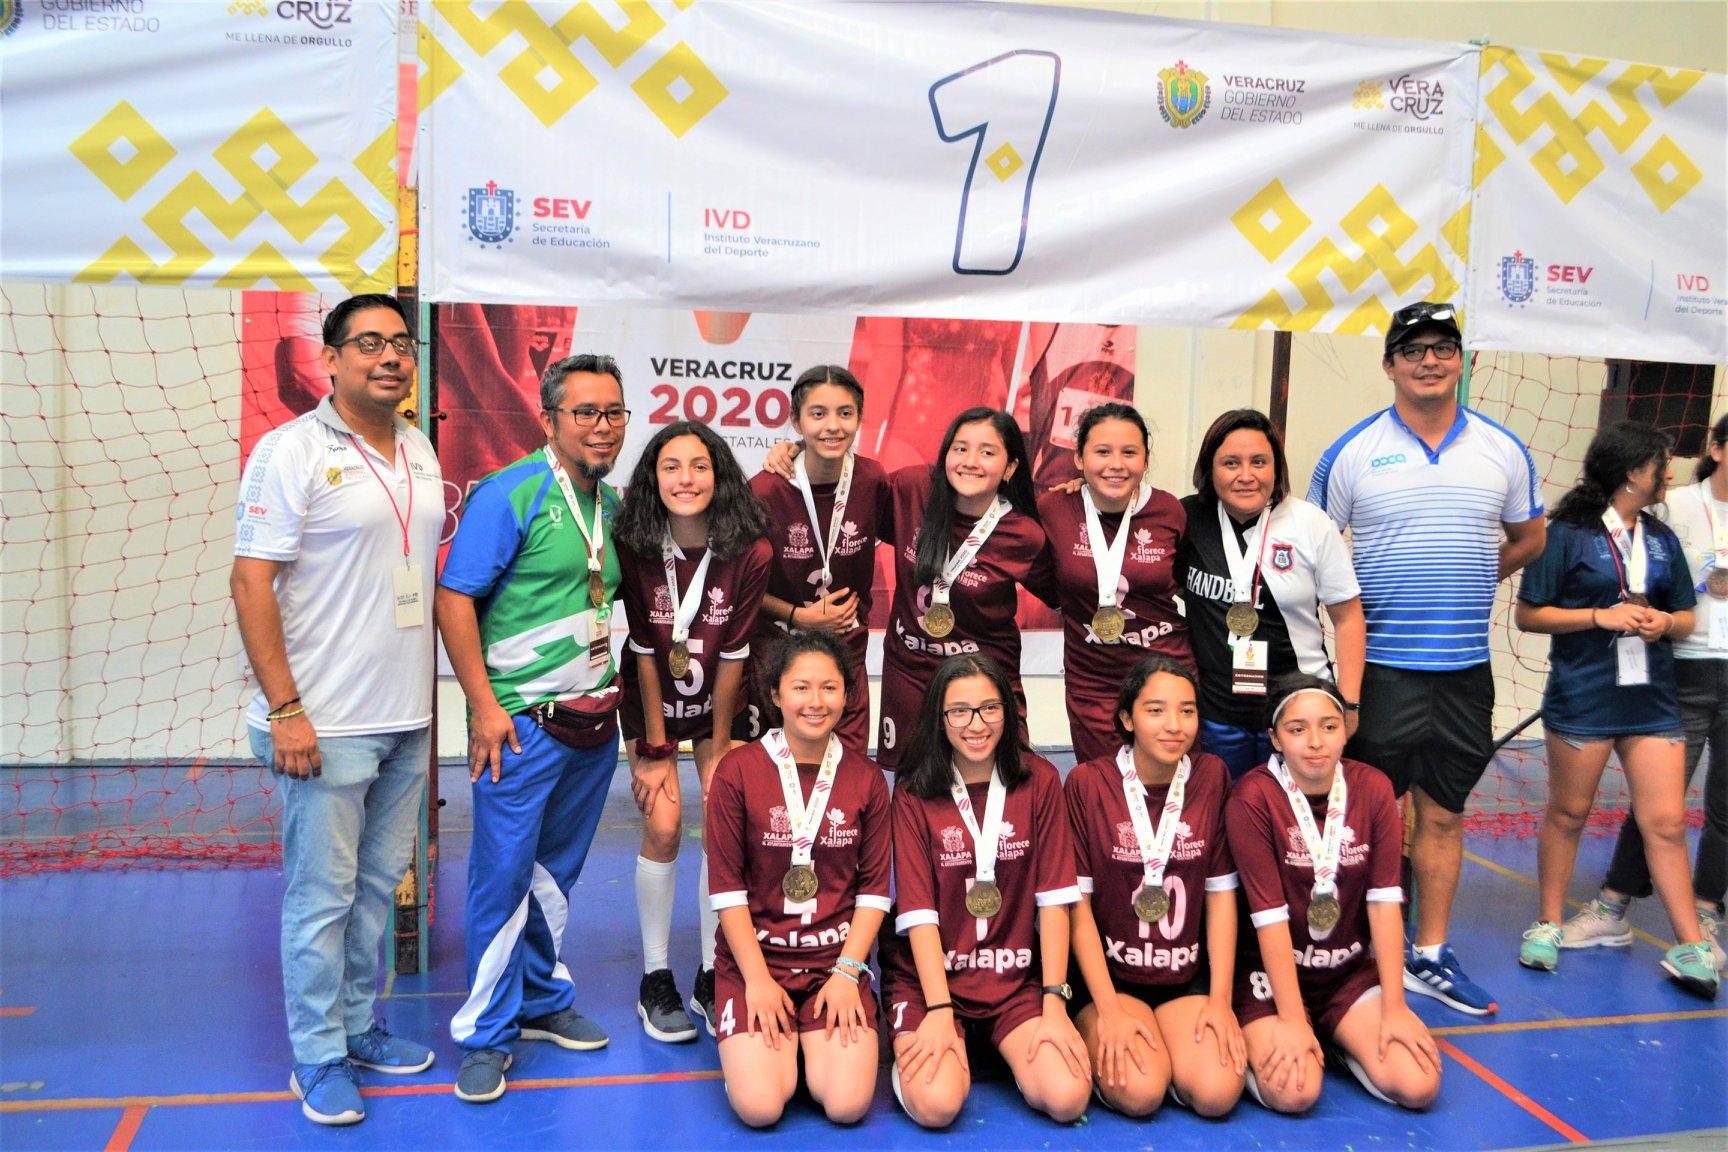 Xalapa campeón de los Juegos Estatales Veracruz 2020